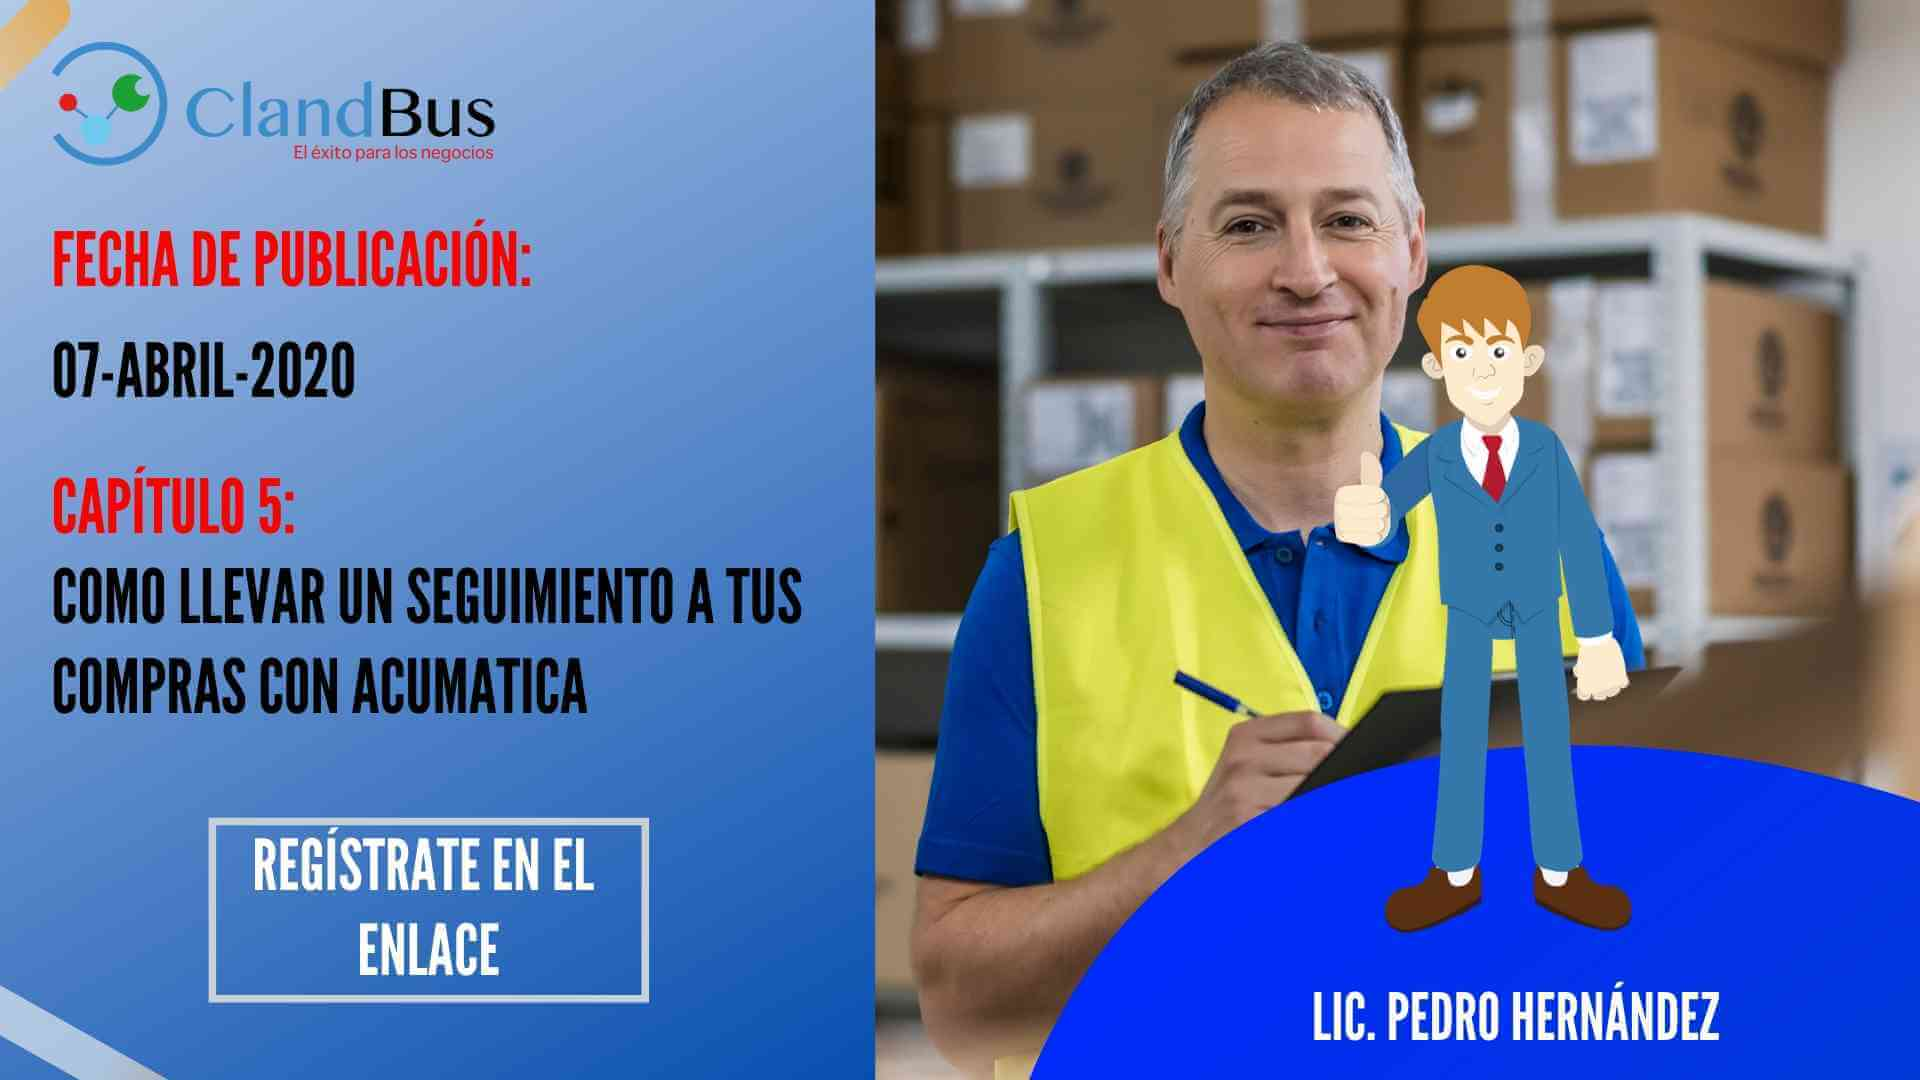 Resolución de problemas con Acumatica -como llevar un seguimiento a tus compras con Acumatica ERP